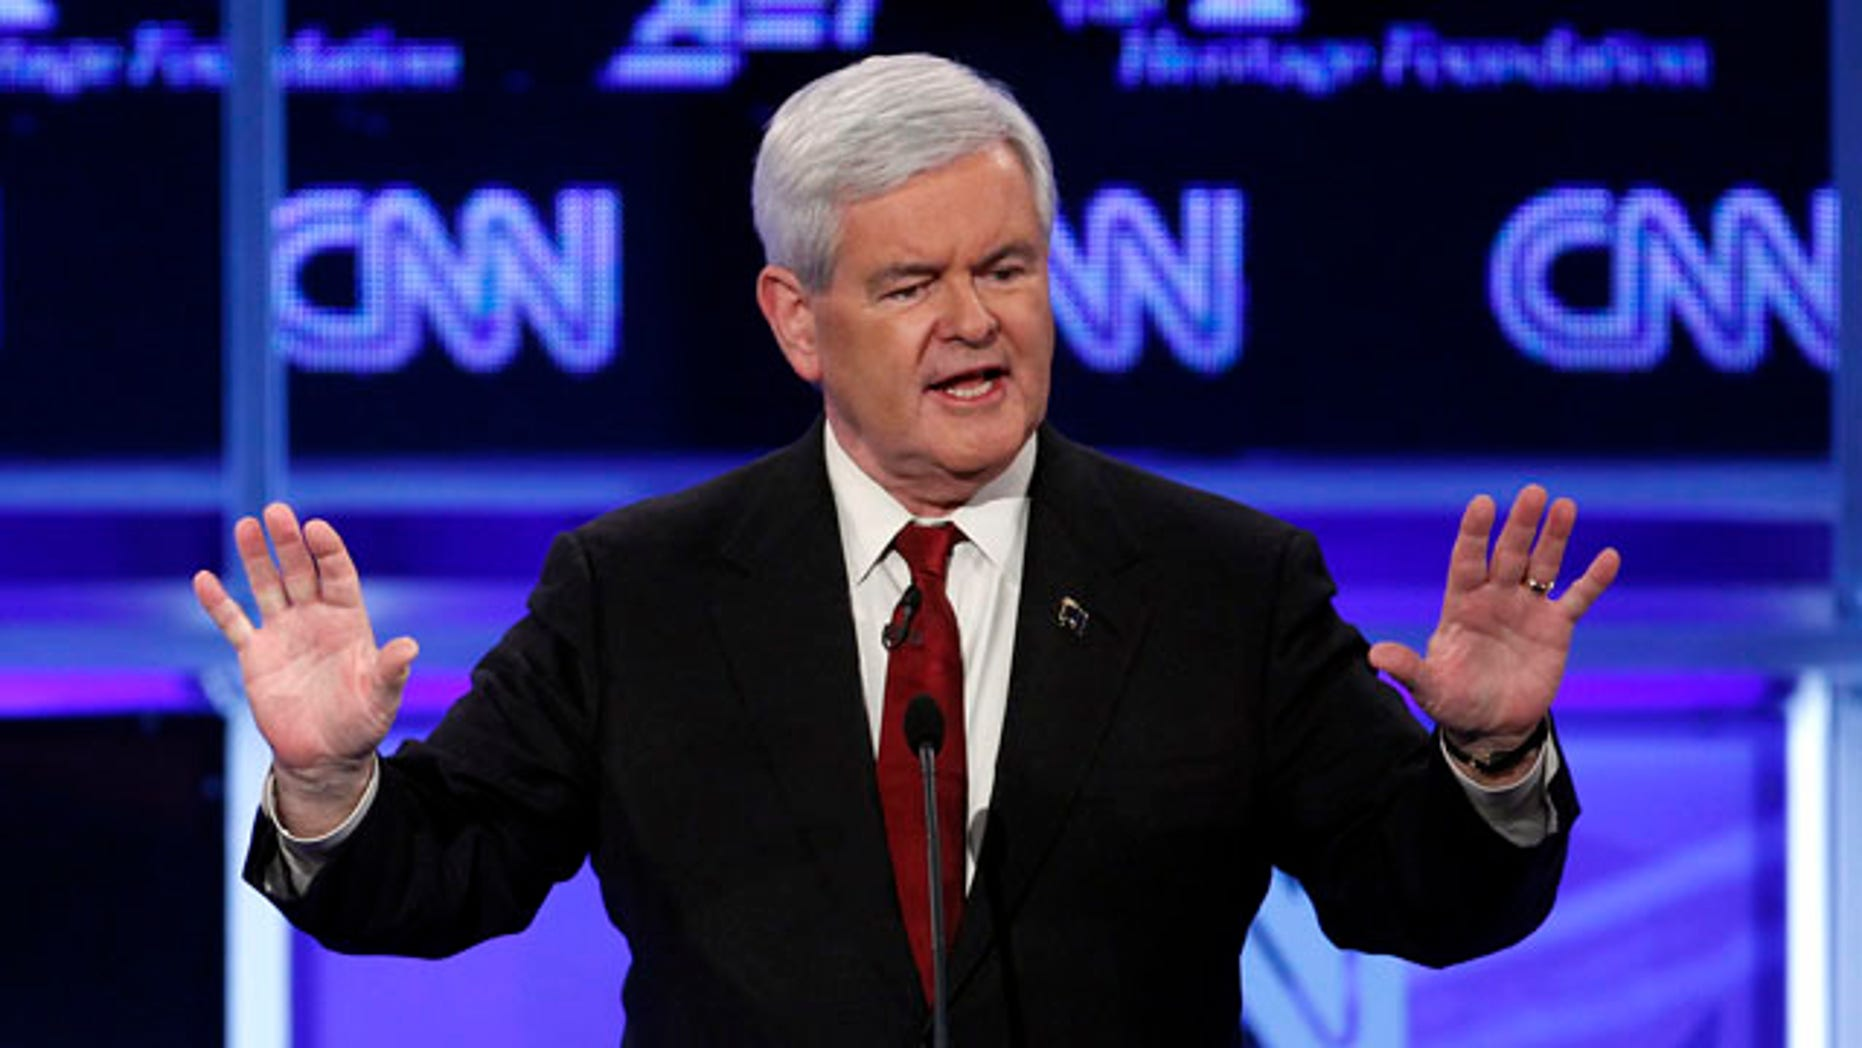 El aspirante a la candidatura presidencial republicana y ex presidente de la Cámara de Representantes Newt Gingrich habla durante un debate de precandidatos republicanos en Washington DC, la noche del martes 22 de noviembre de 2011. (Foto AP/Evan Vucci)